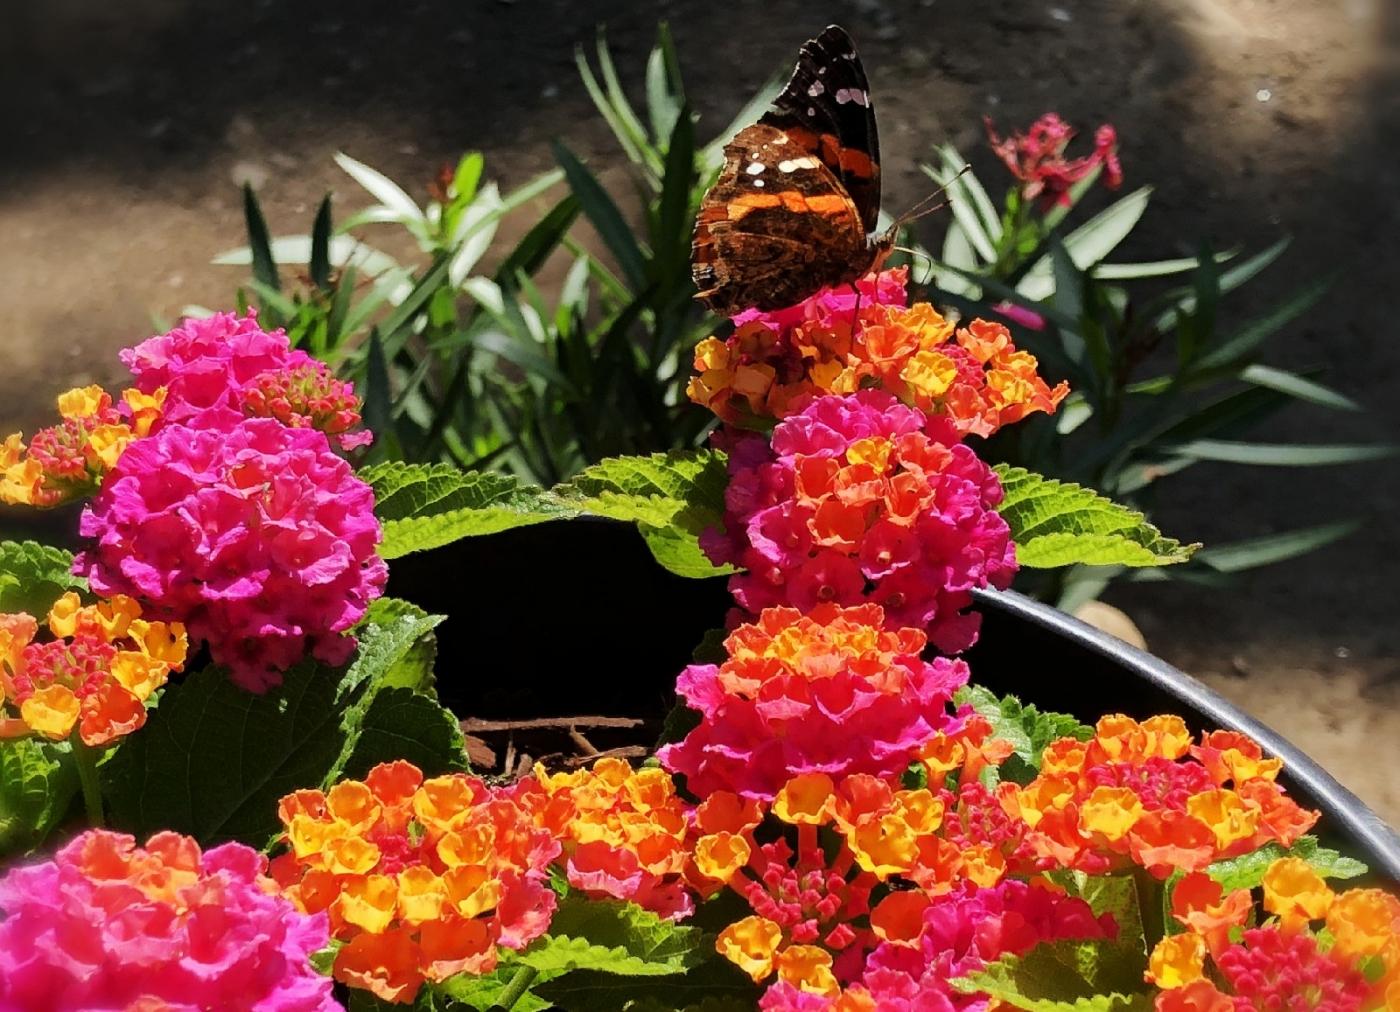 【田螺随拍】我今年种的蜂鸟喜欢吃的花都开了_图1-23